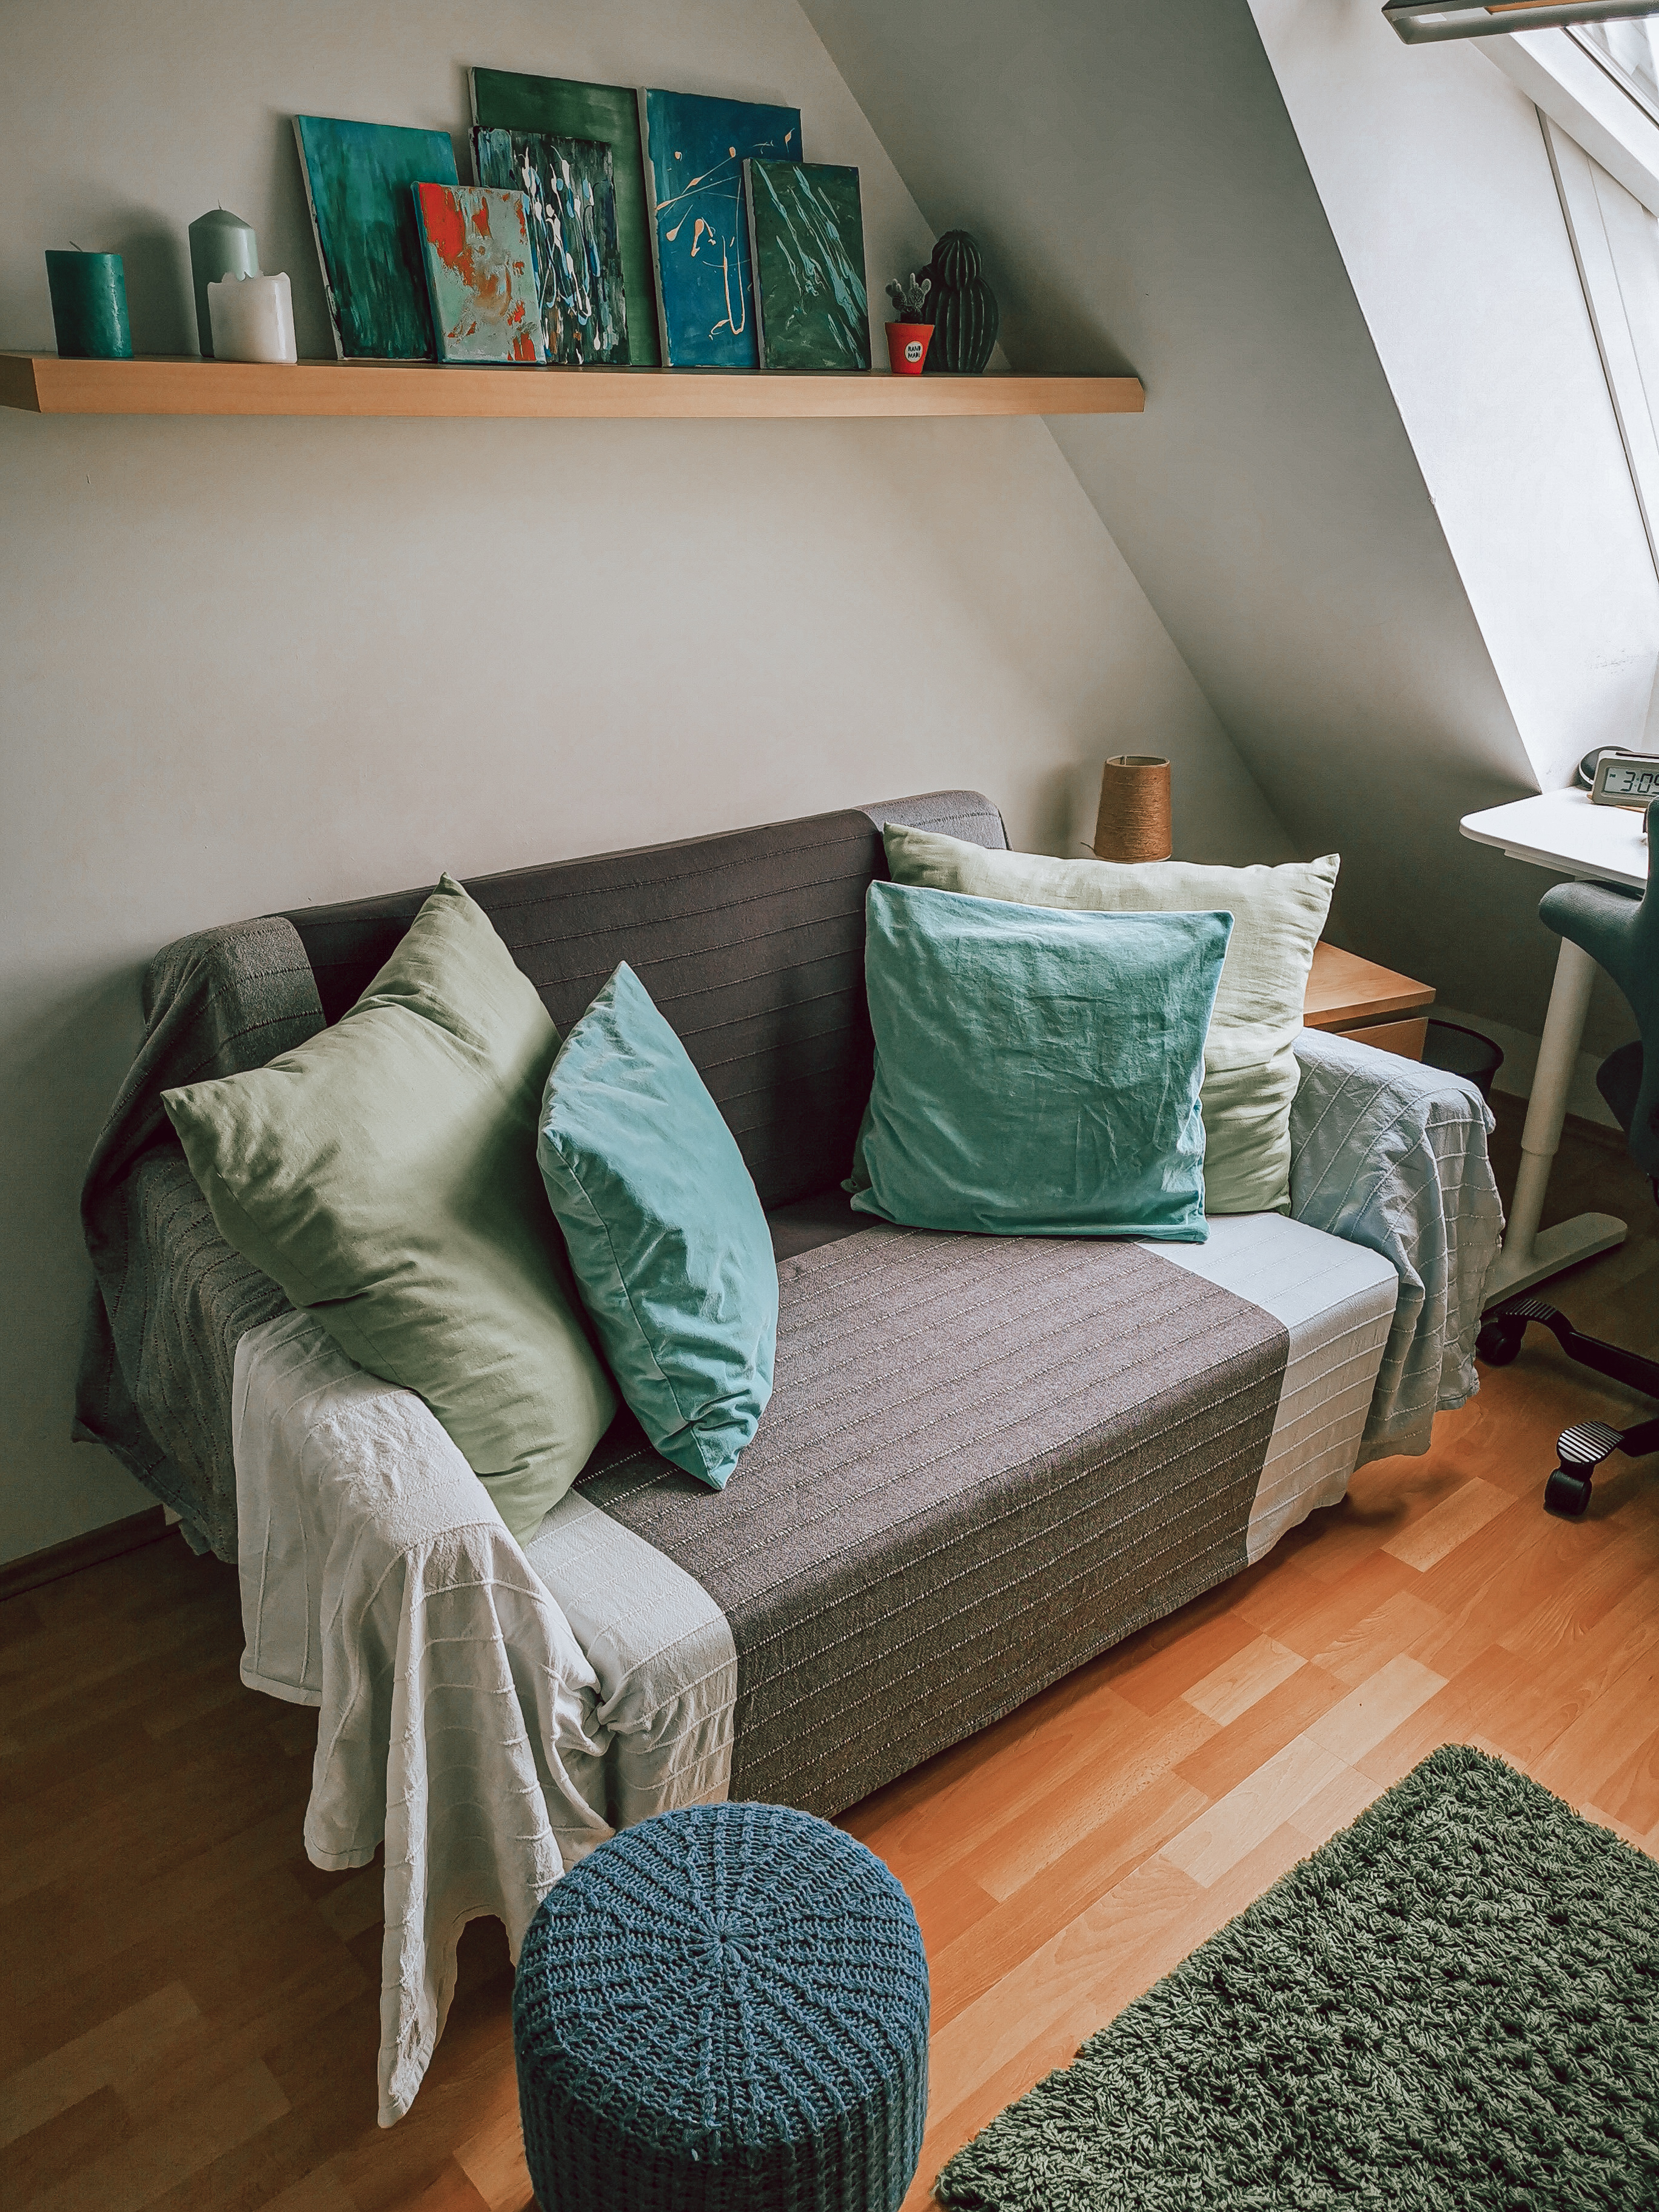 IMG 20200523 150705 - 11 ulimative Tipps für ein gemütliches zu Hause